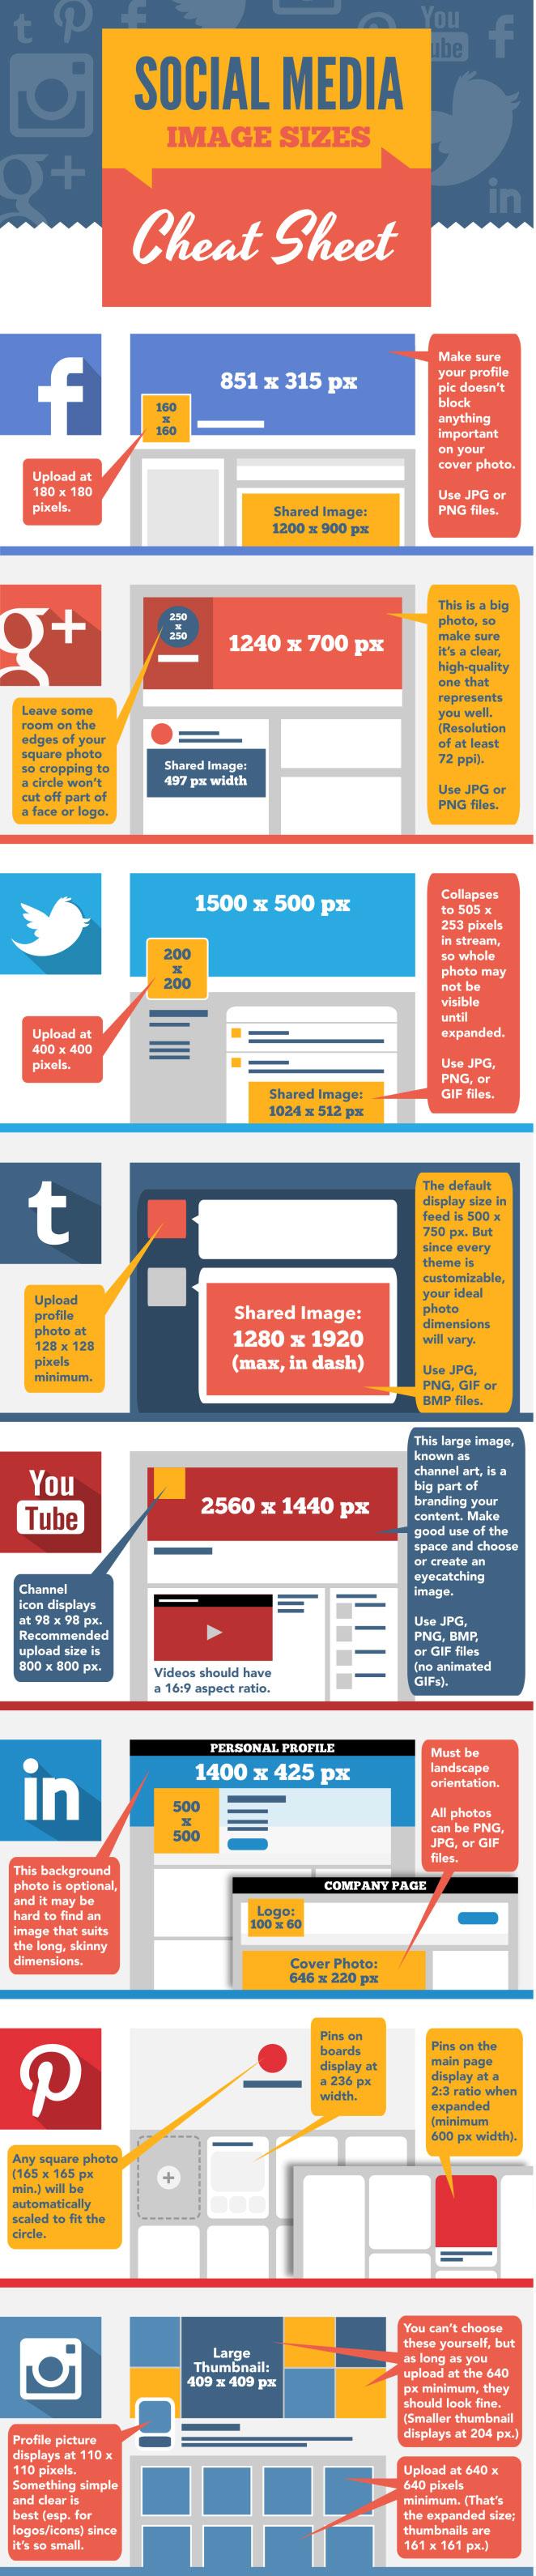 Infografía: Guía completa imágenes del Social Media